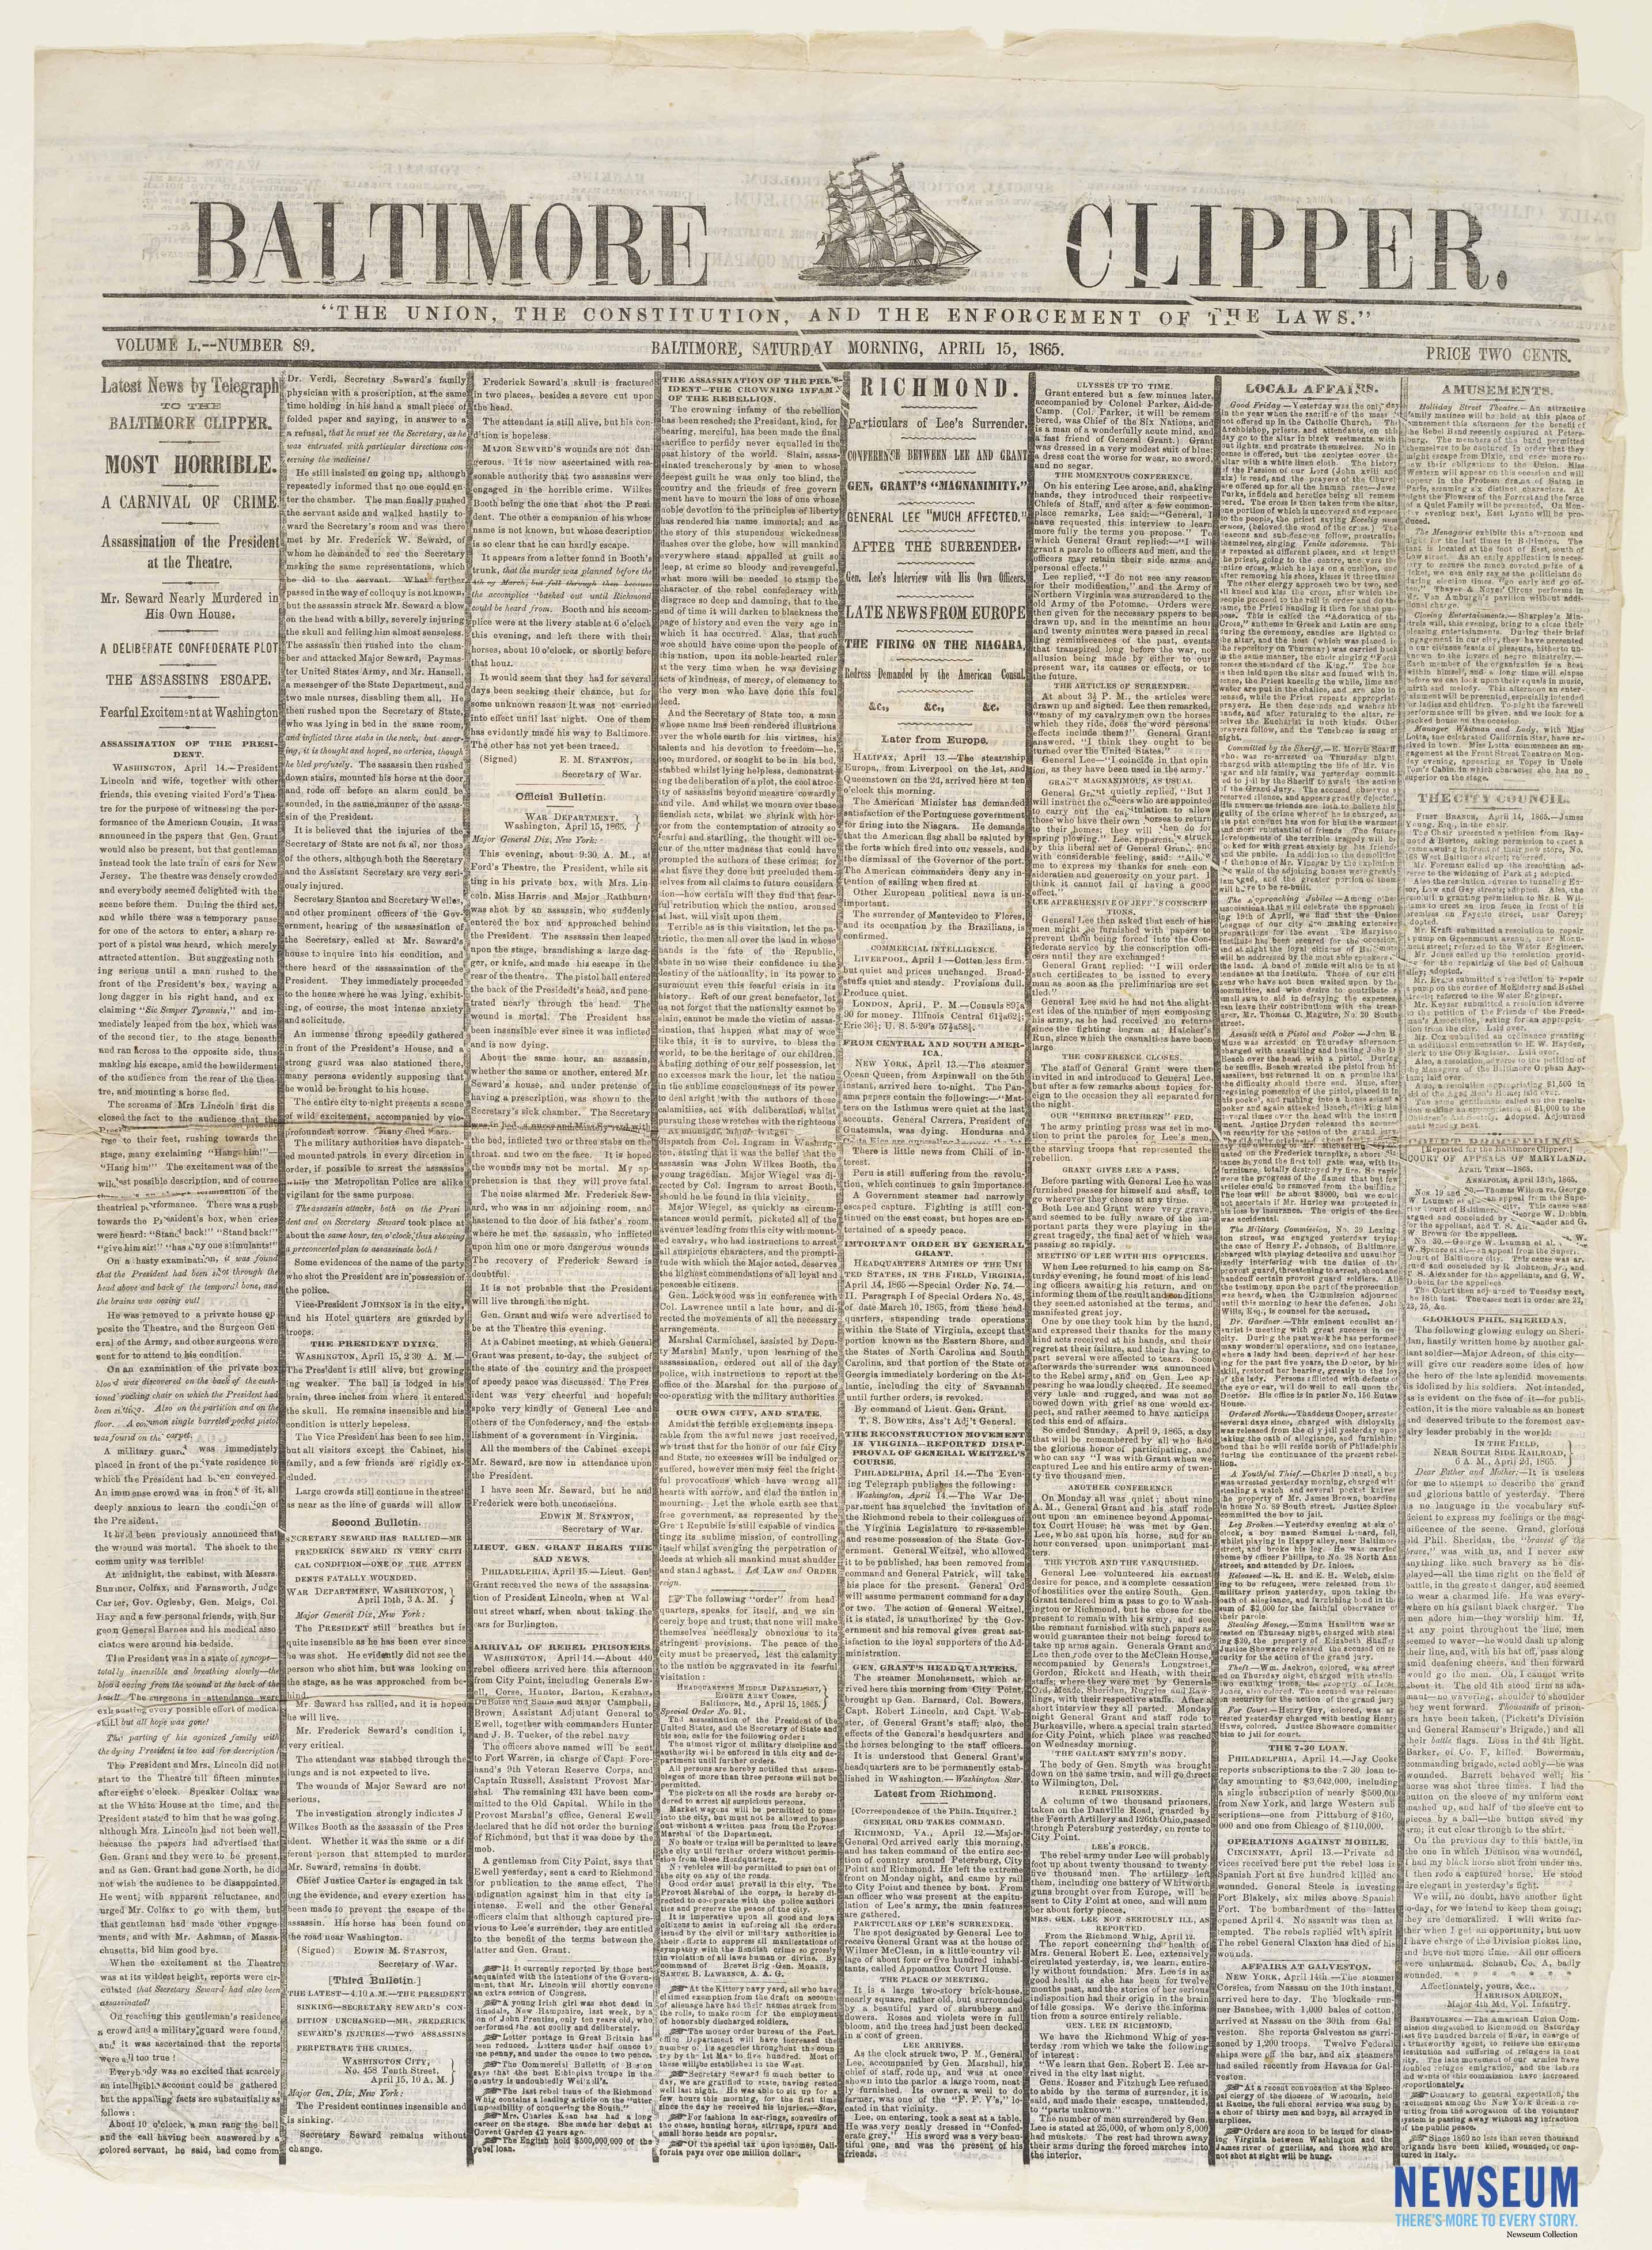 Baltimore Clipper, April 15, 1865